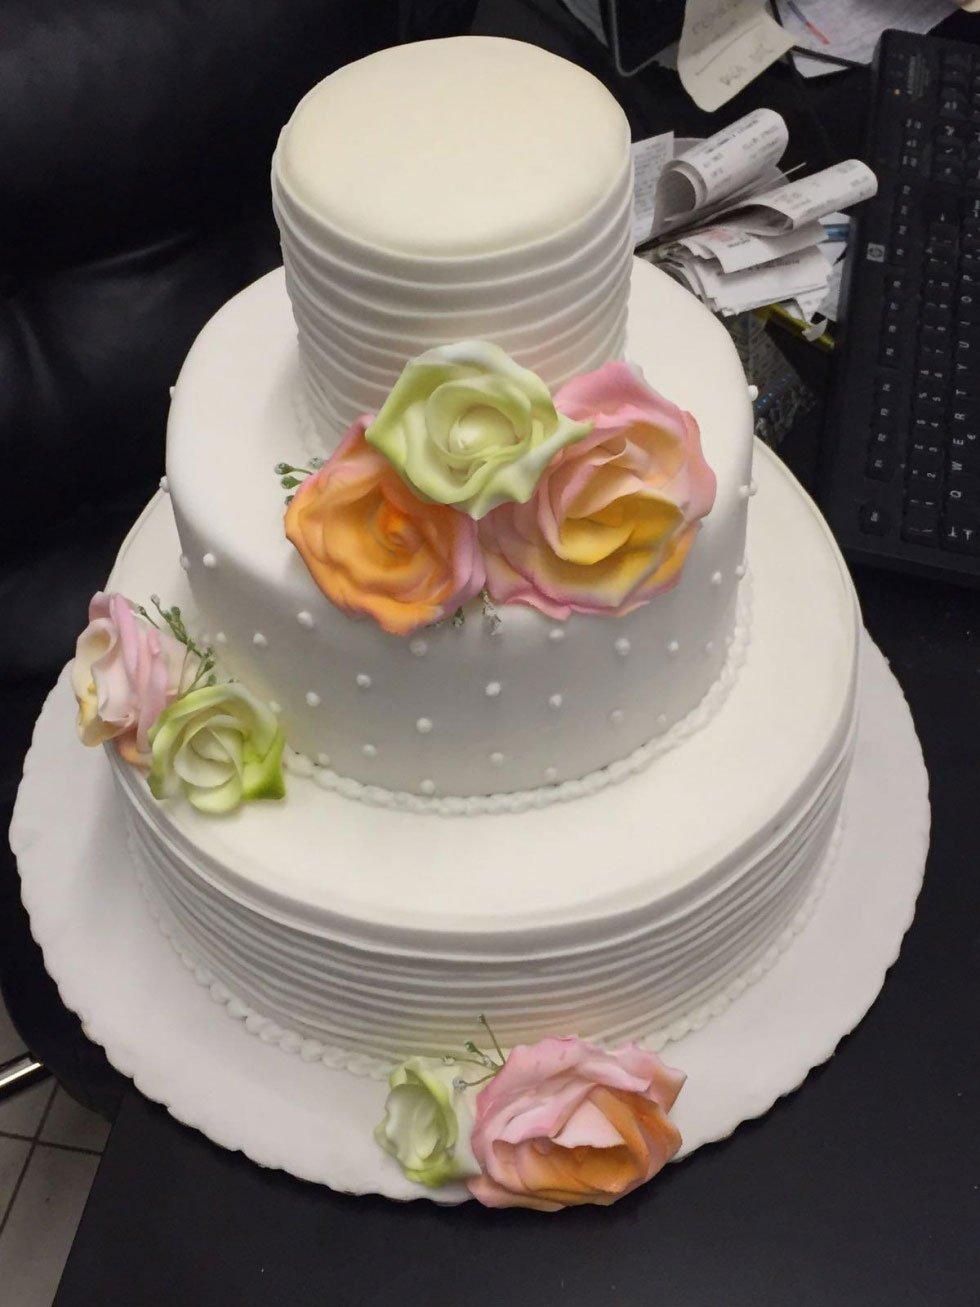 tre una torta bianca a tre piani con dei fiori colorati